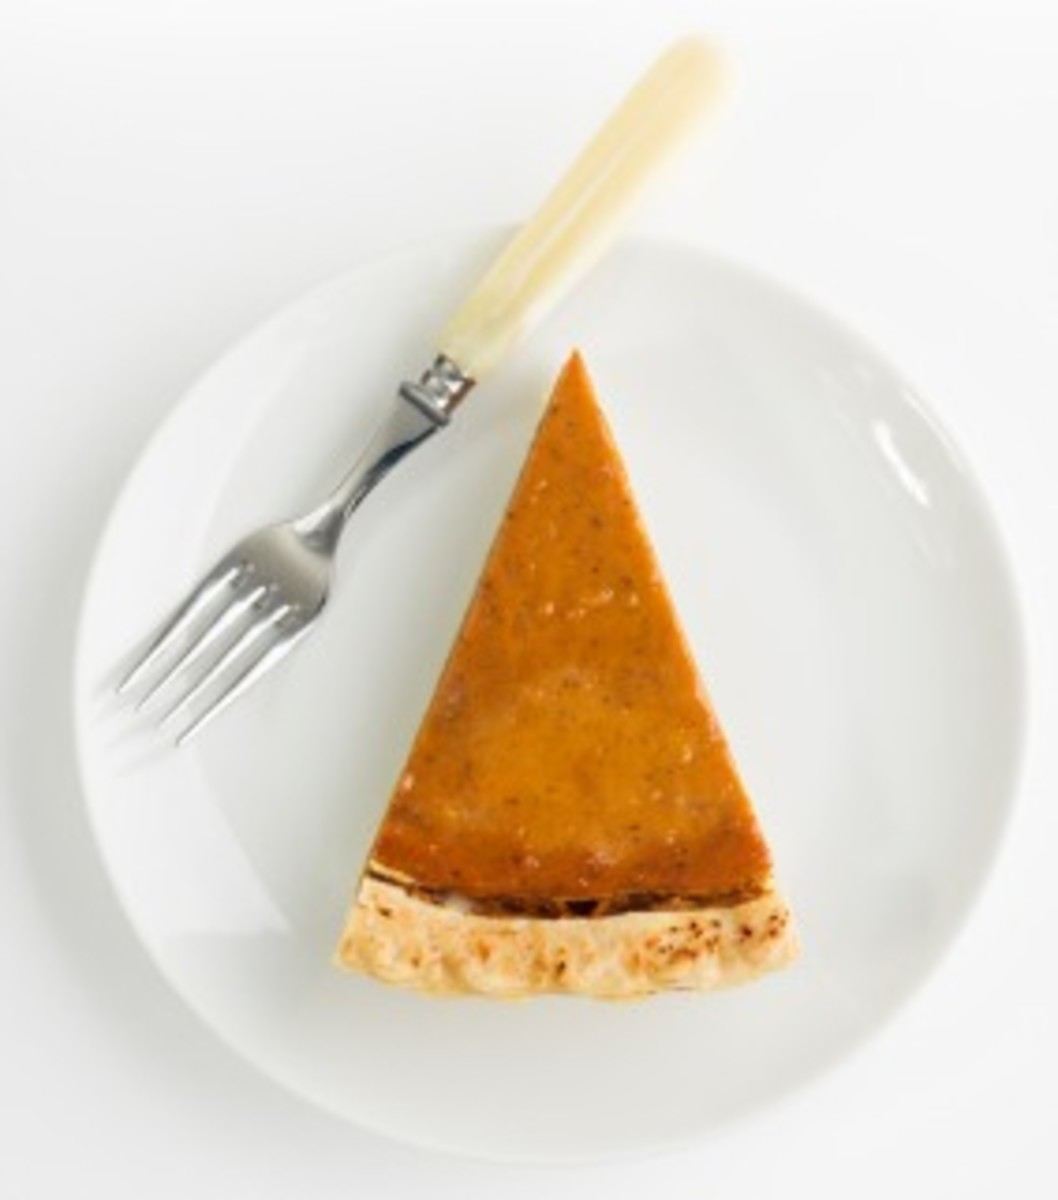 Mmmmmm. Pie.